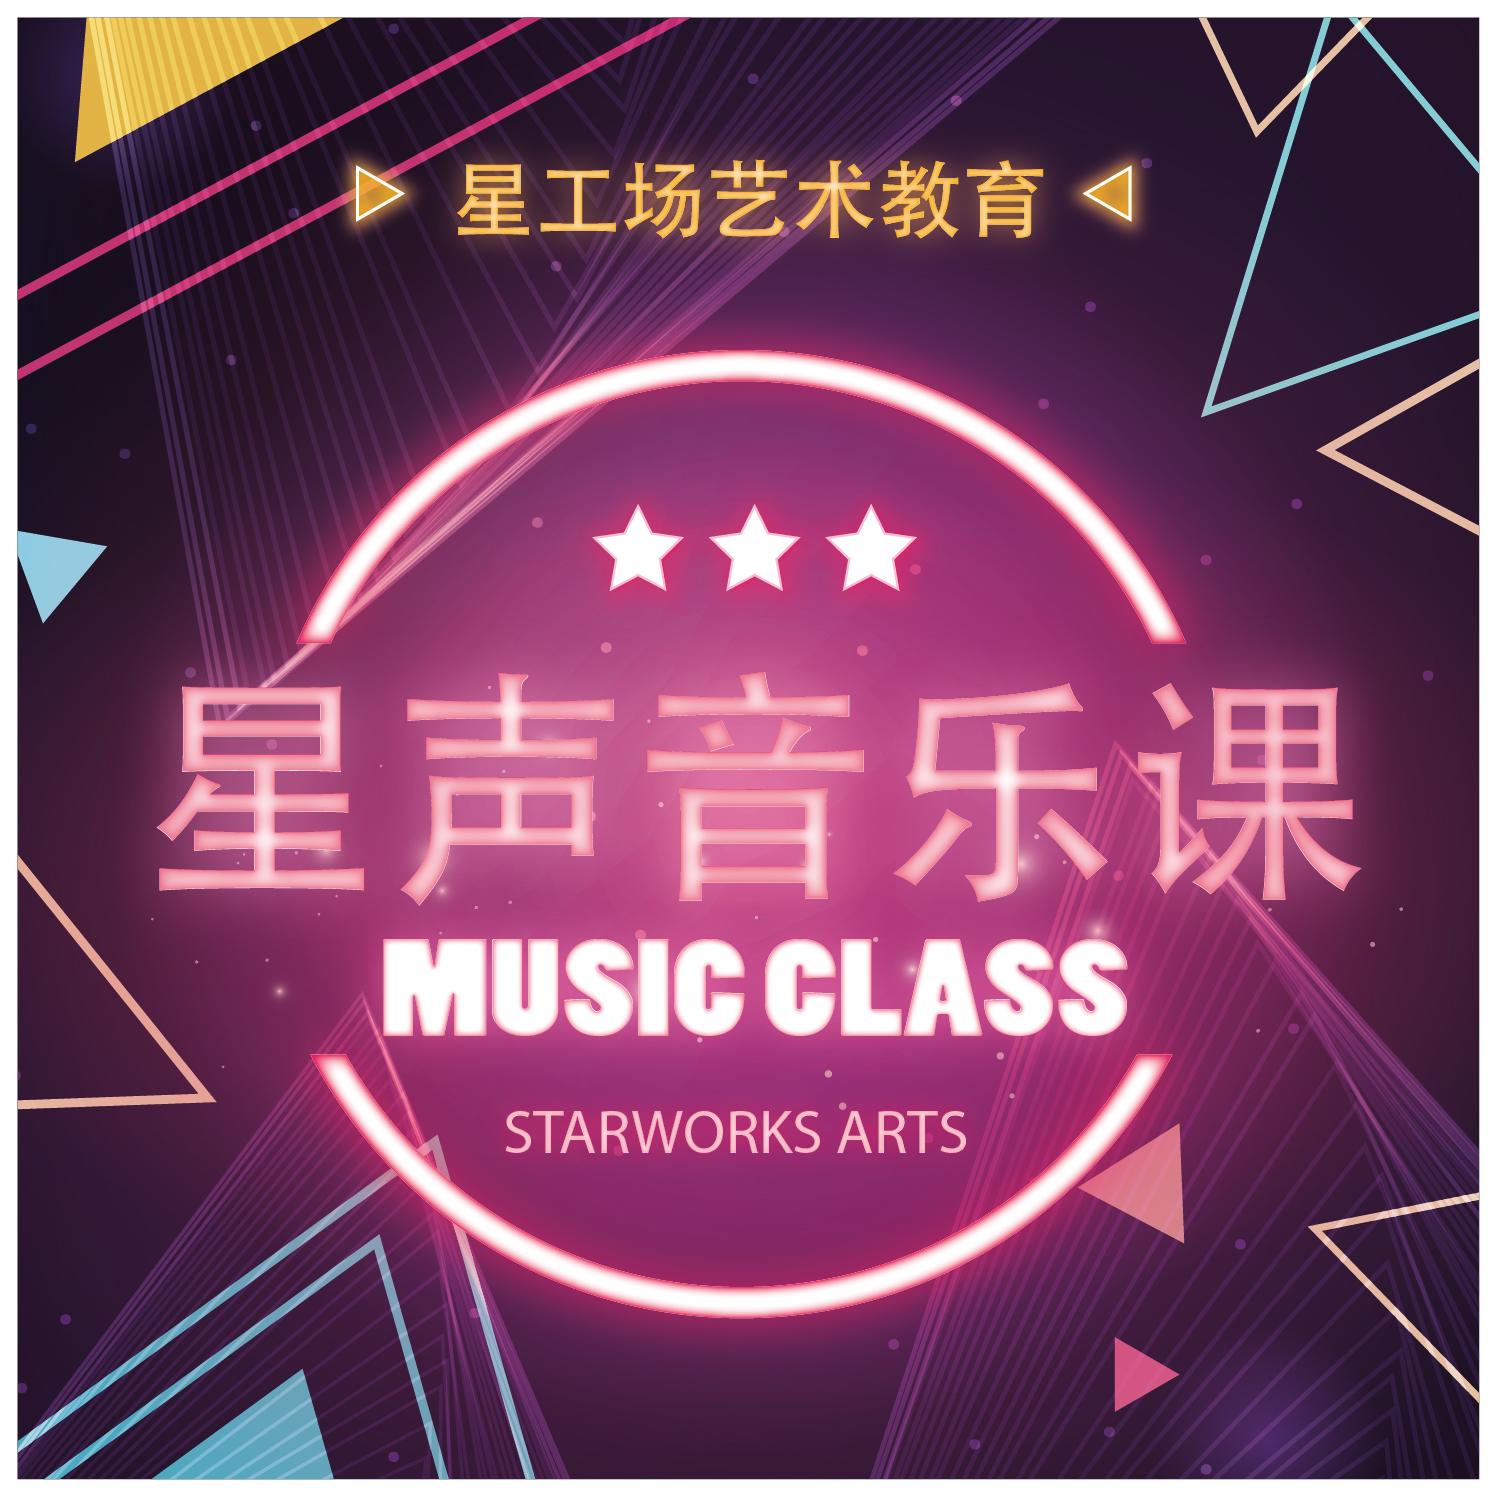 星声音乐课